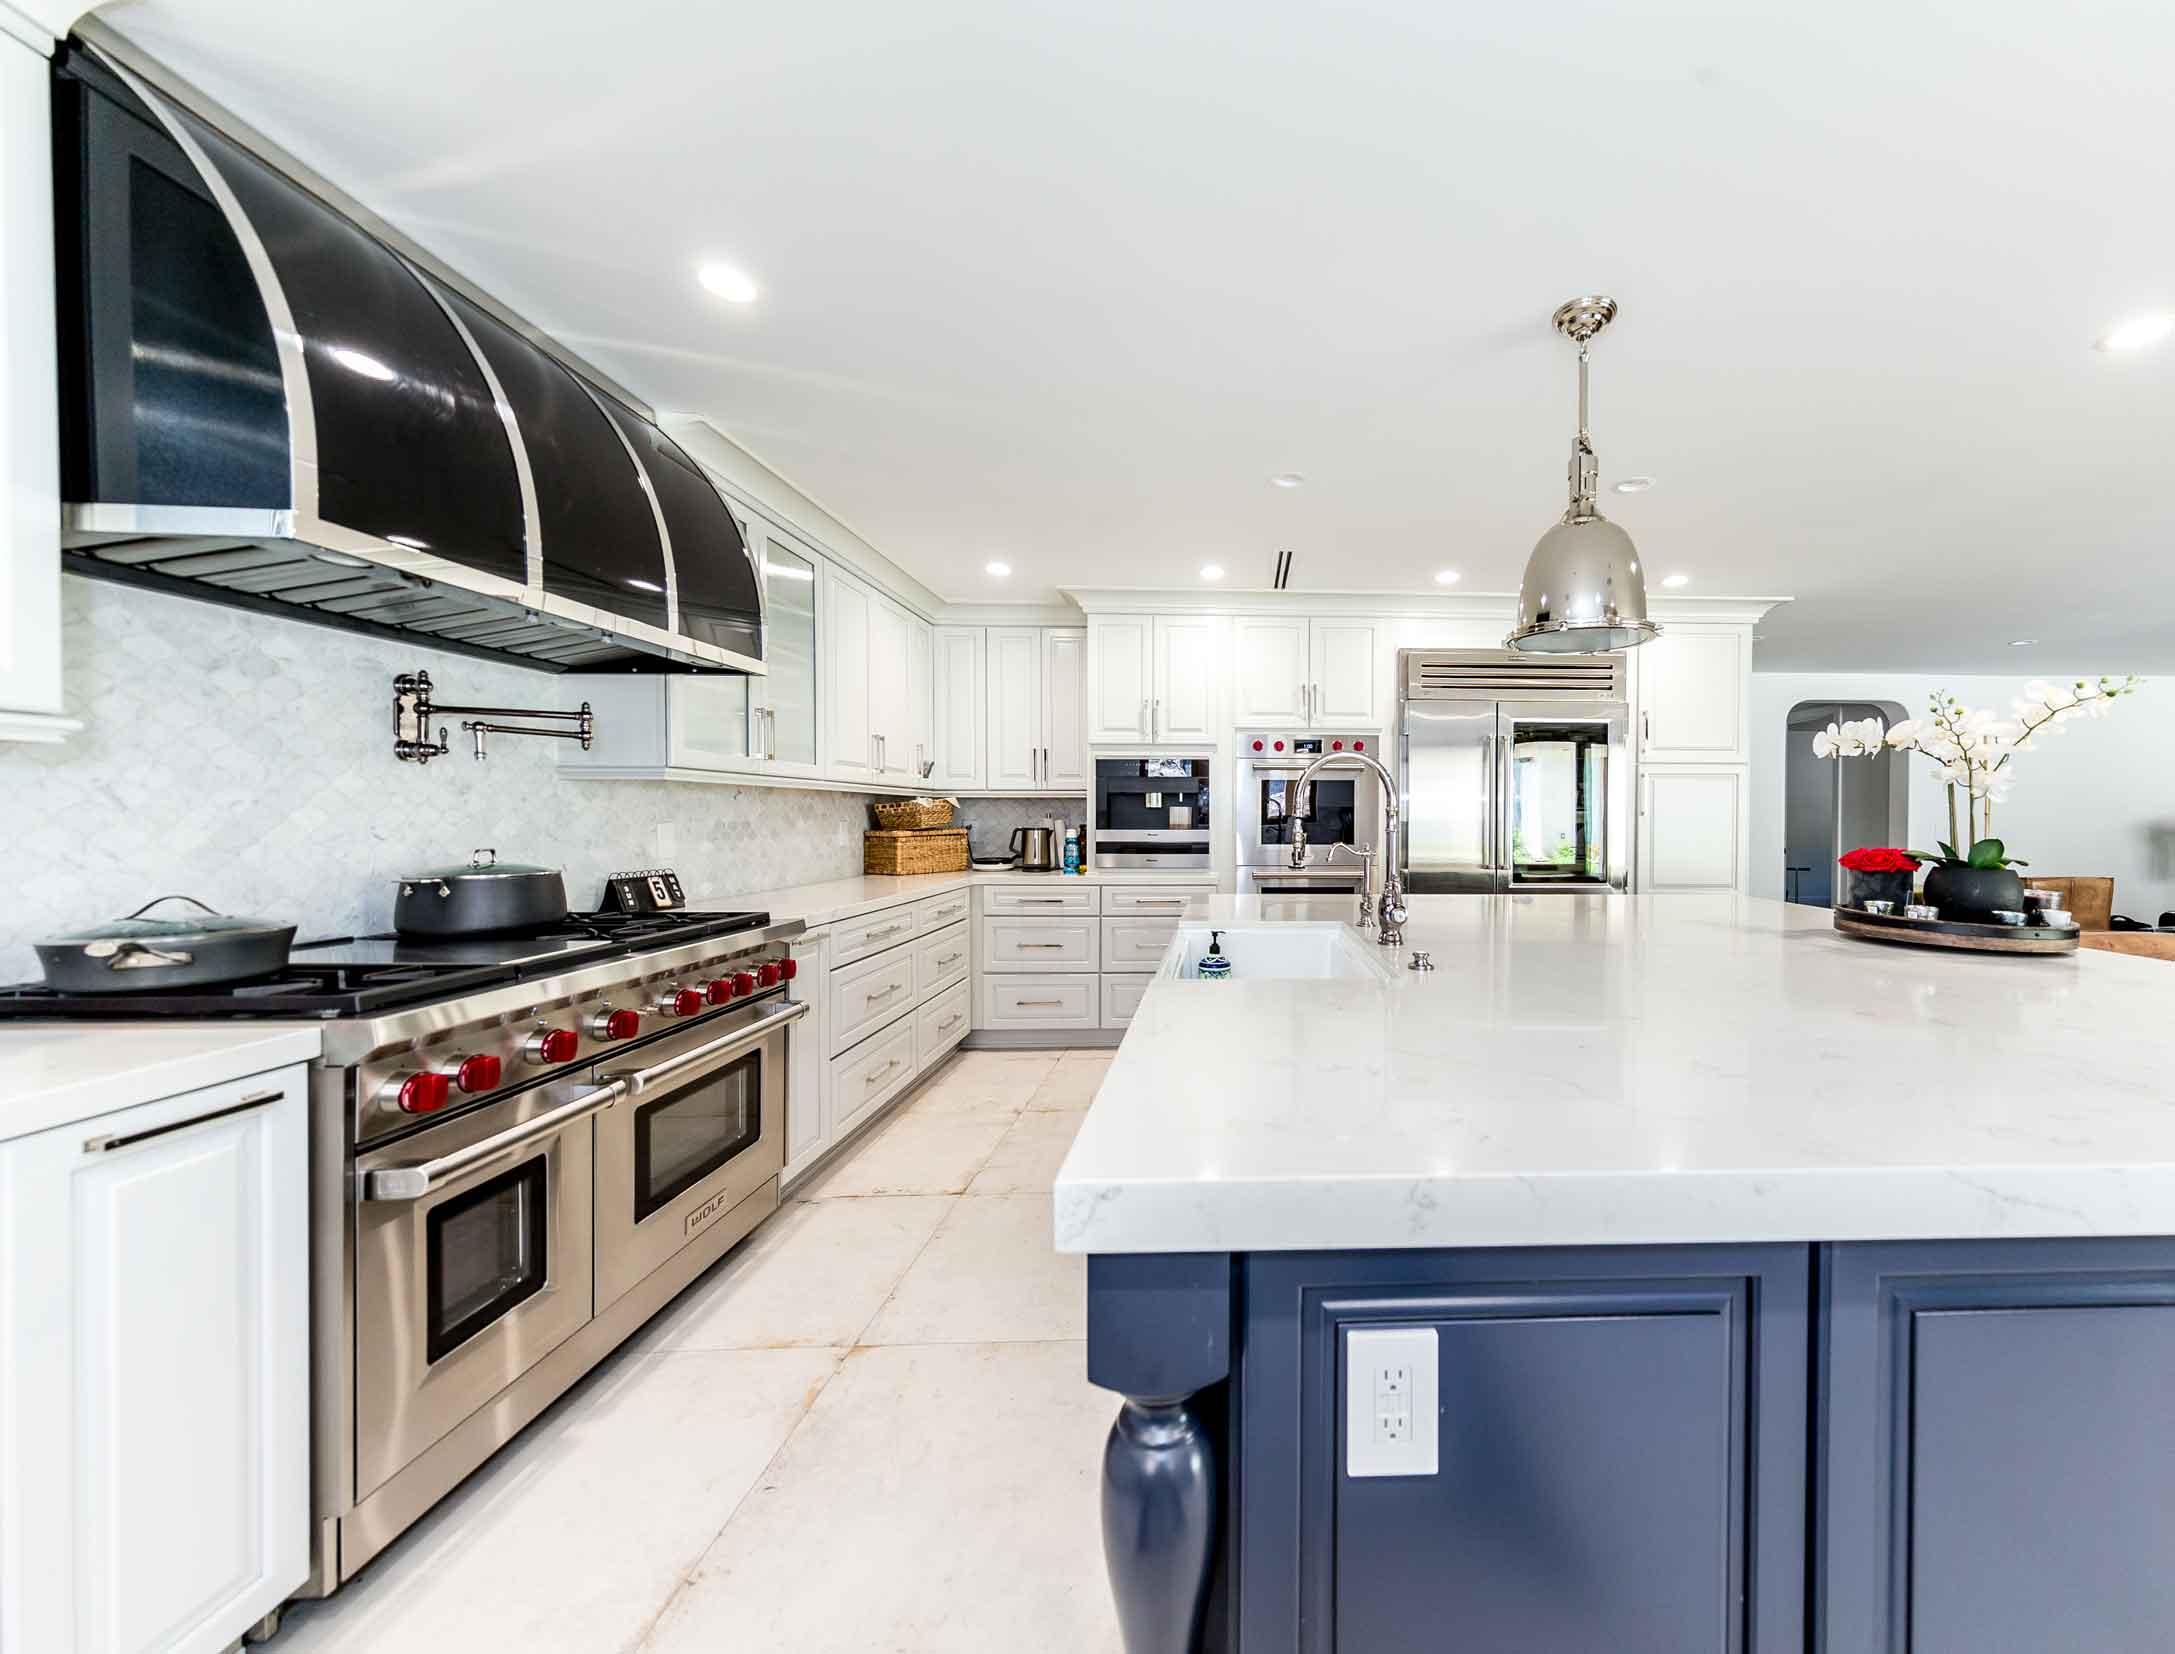 luxury-kitchen-at-inpatient-detox